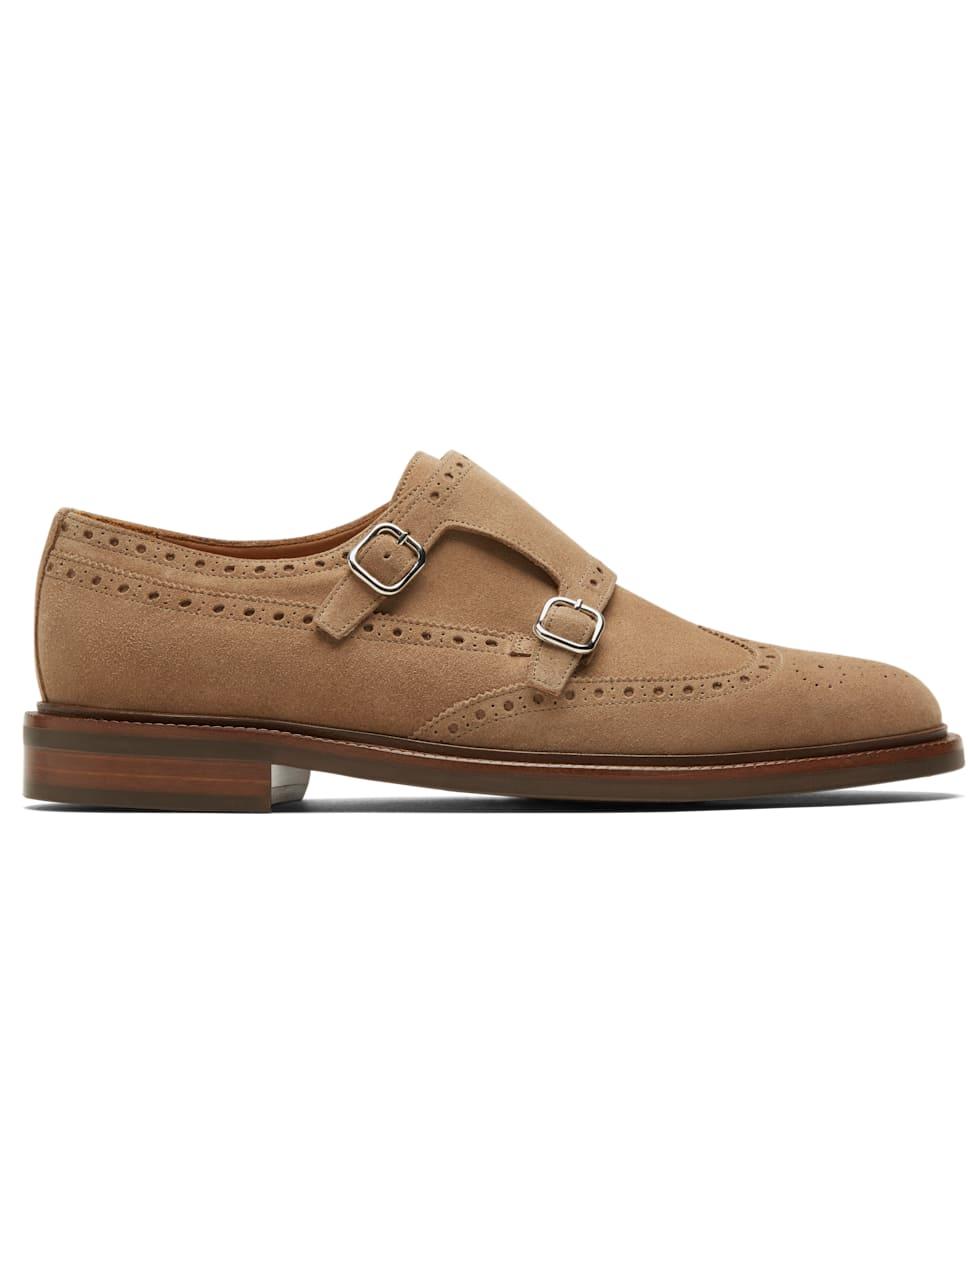 Leon Shoes Online Store